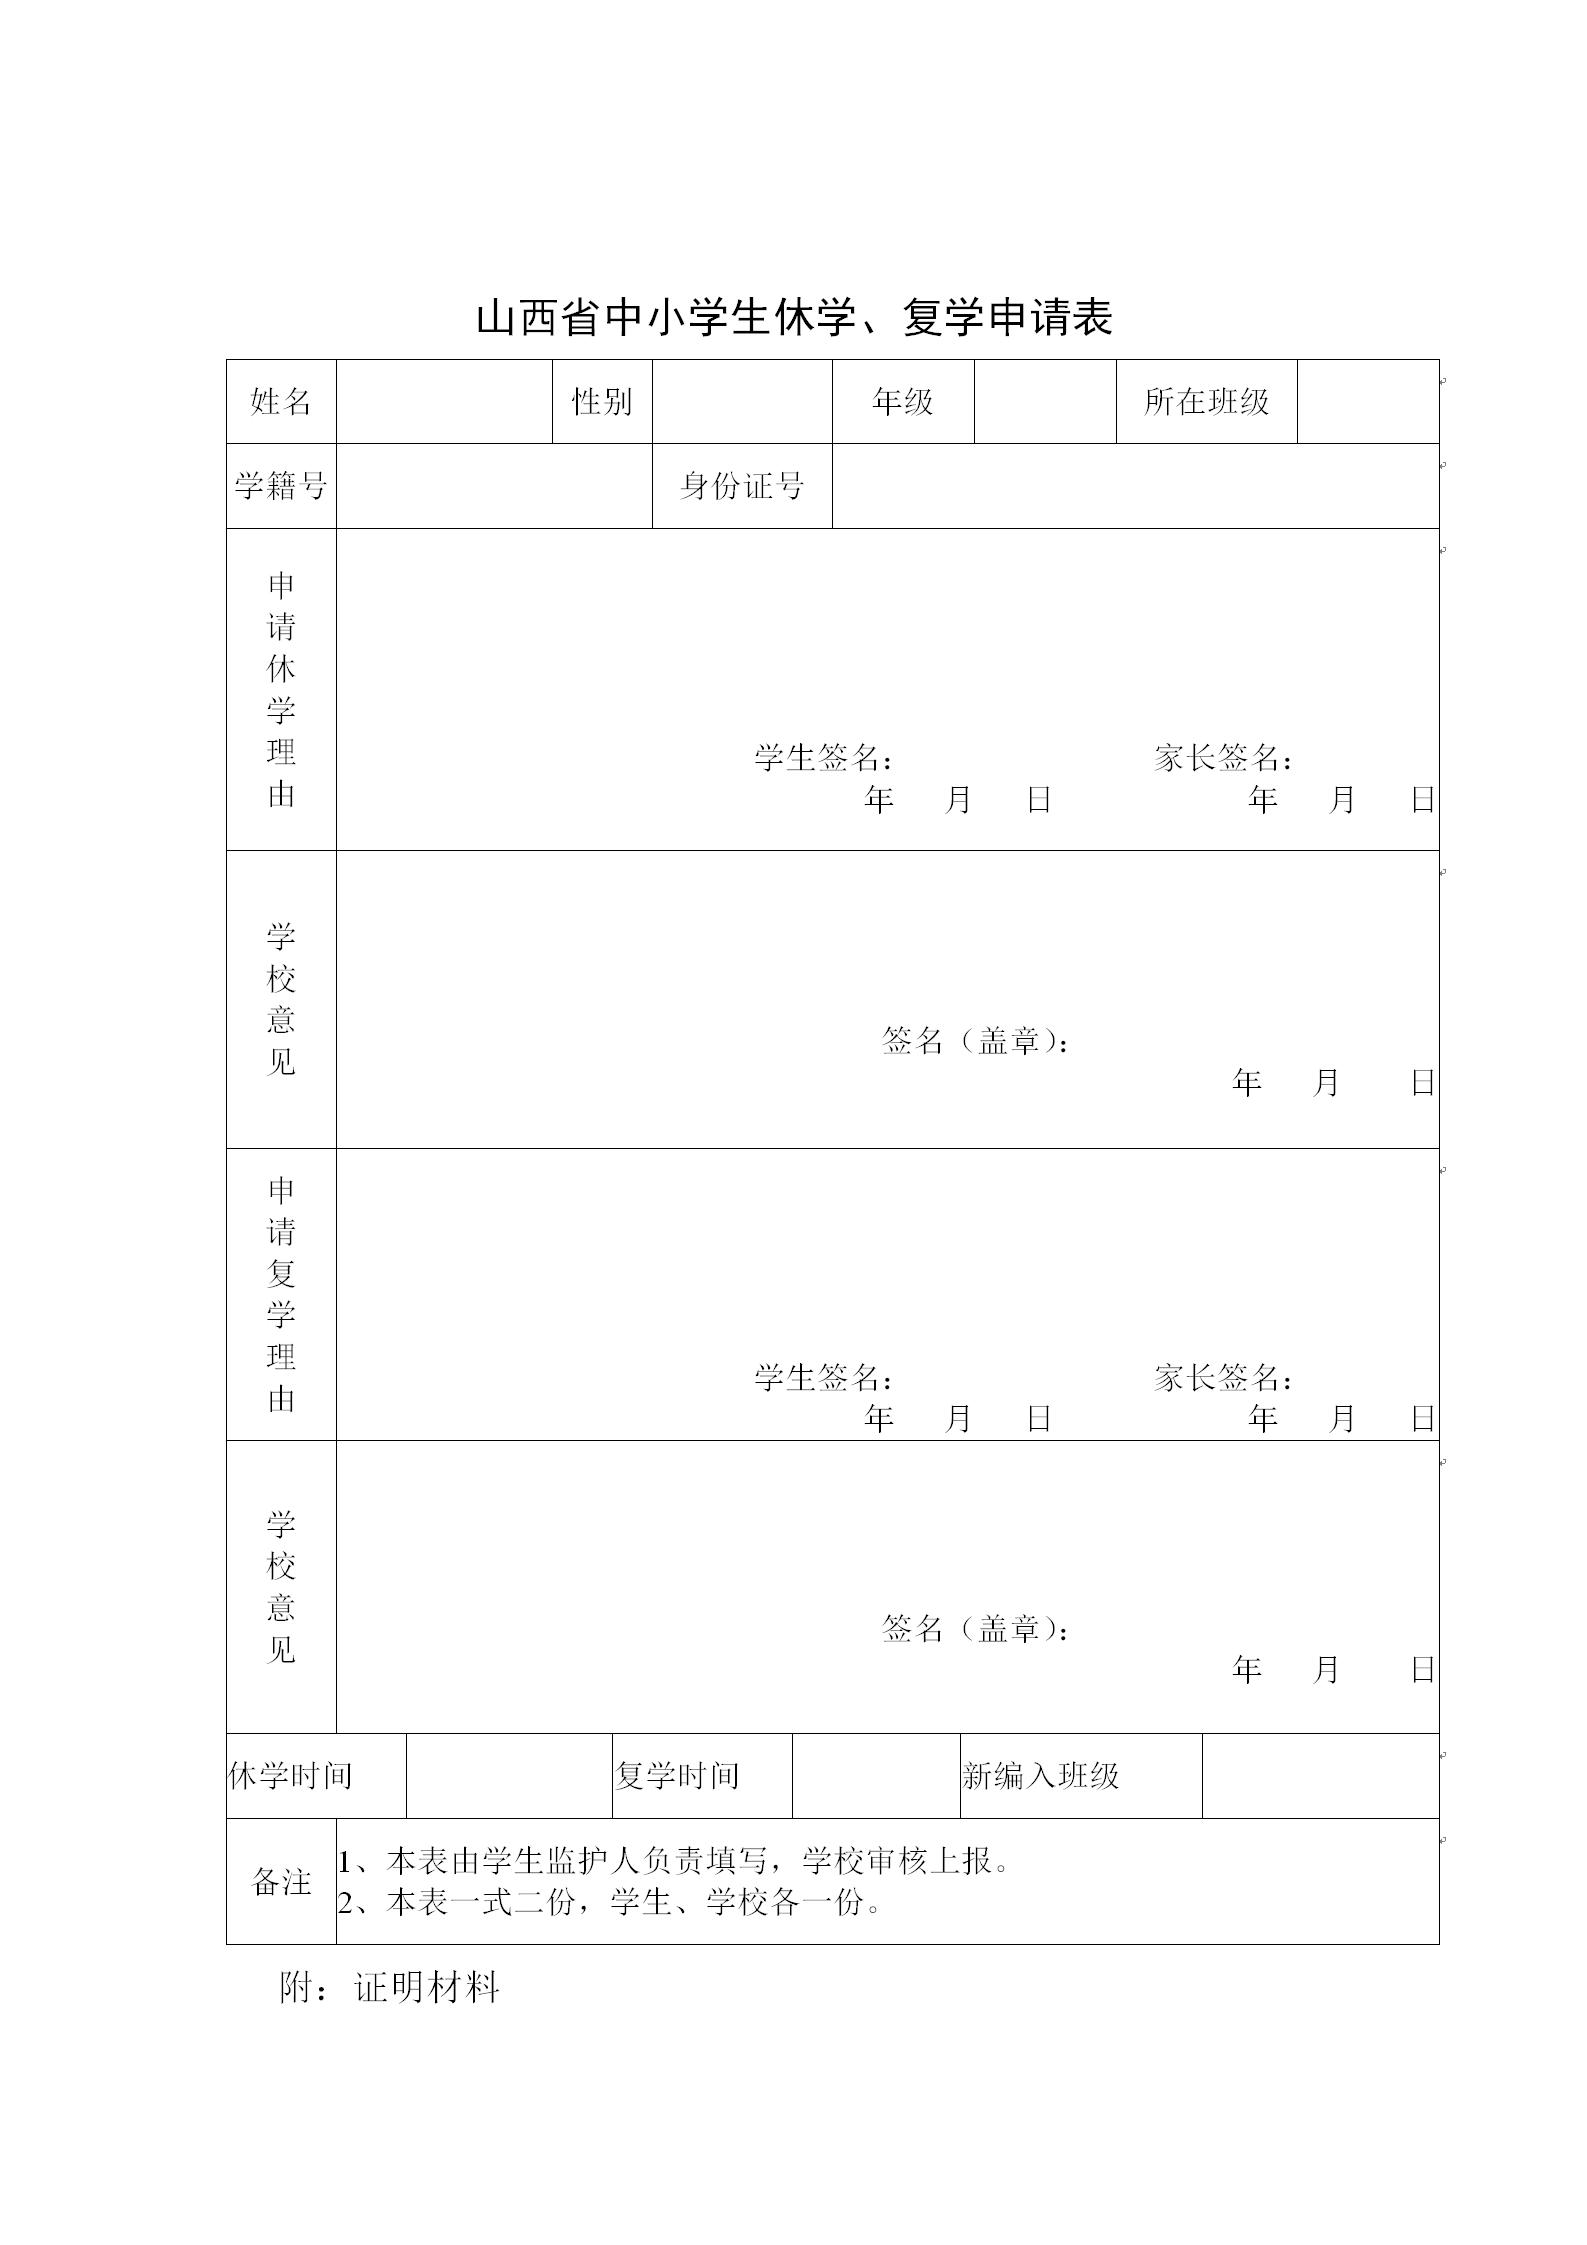 附件2山西省中小学生休学、复学申请表_01.png